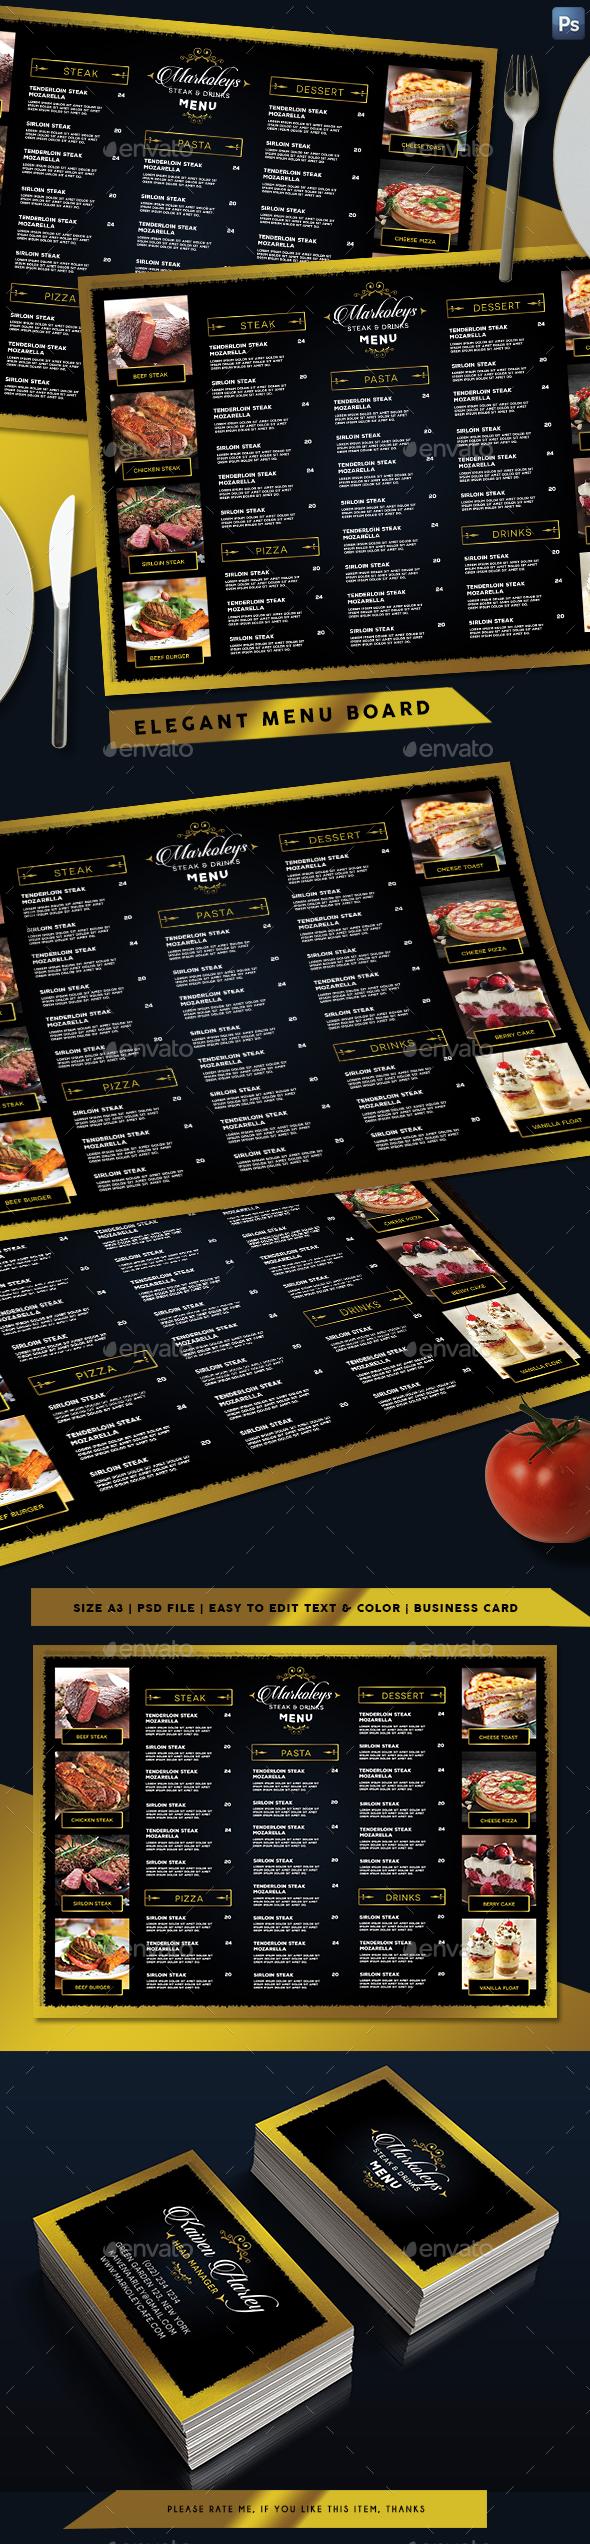 Elegant Restaurant Menu Board + Business Card - Food Menus Print Templates